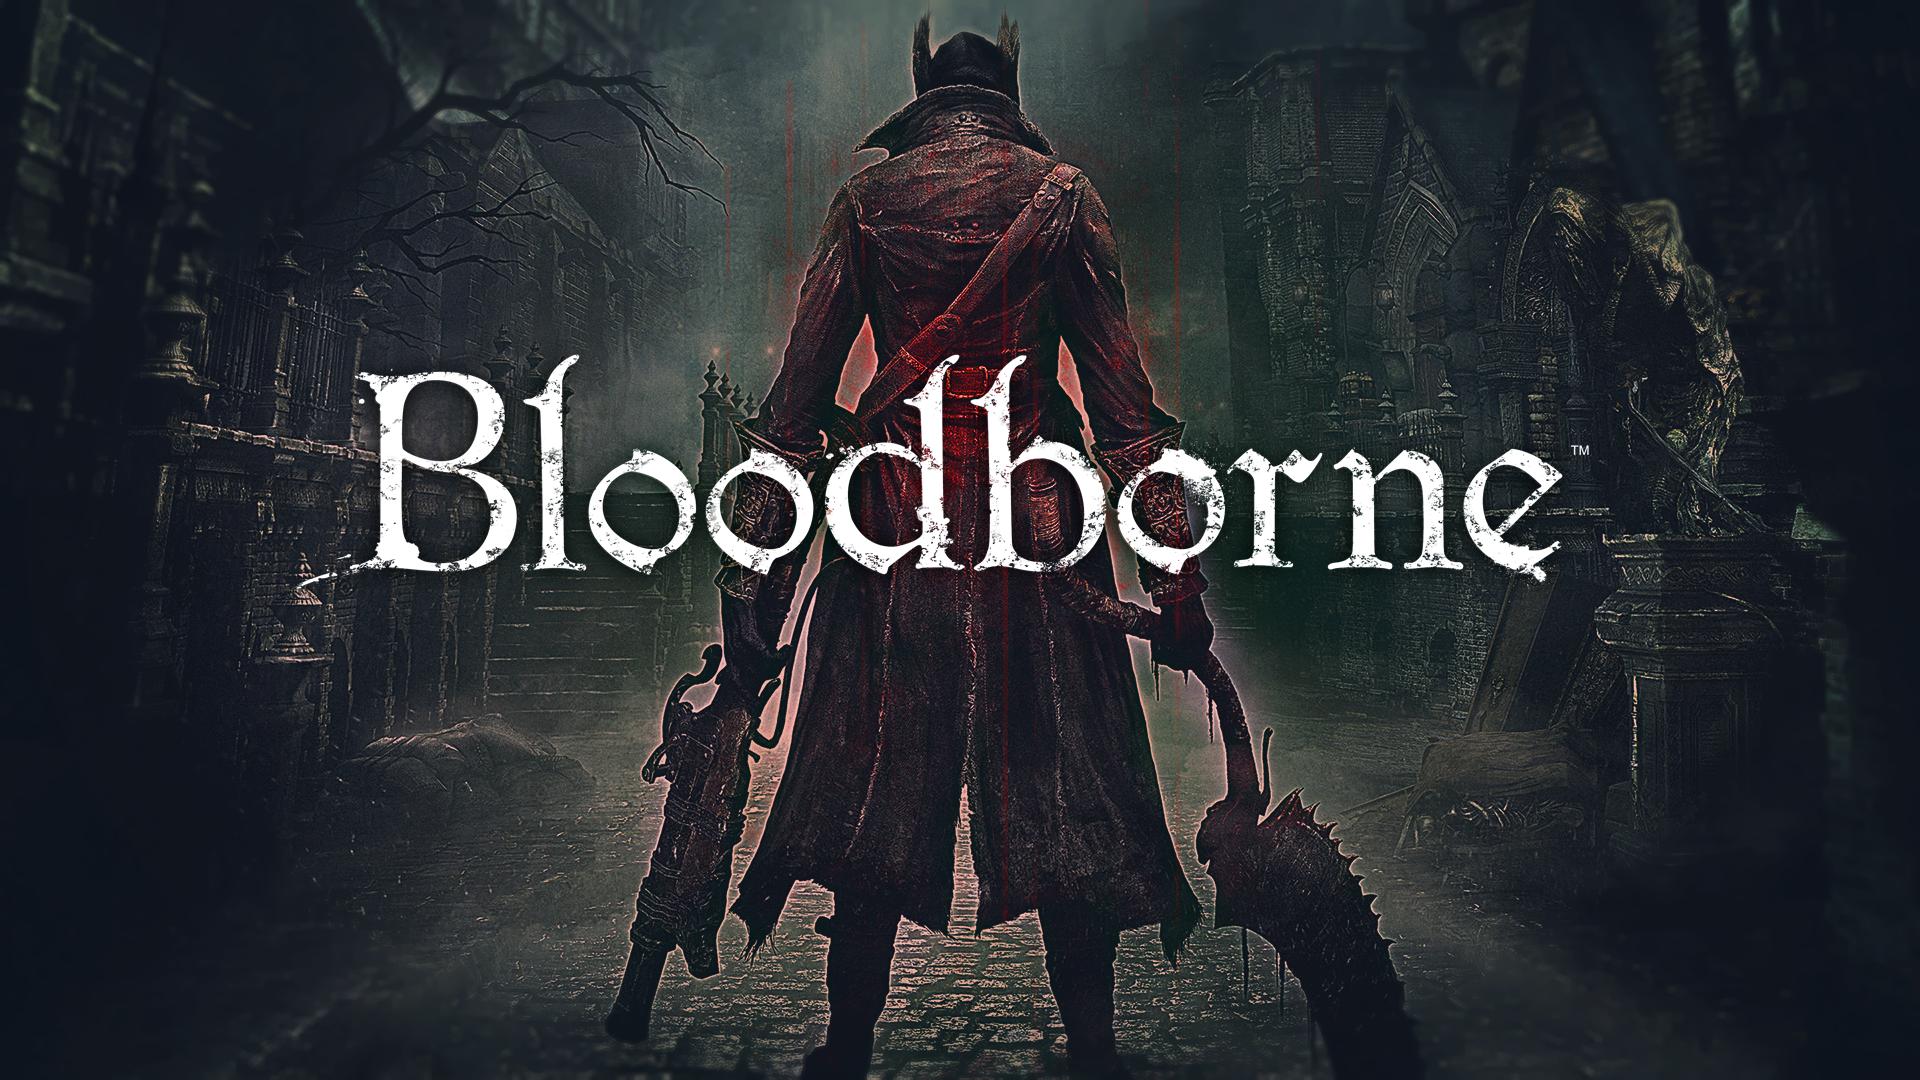 <b>Wallpaper</b> (x1080)   iPhone(640x1136) : <b>bloodborne</b>